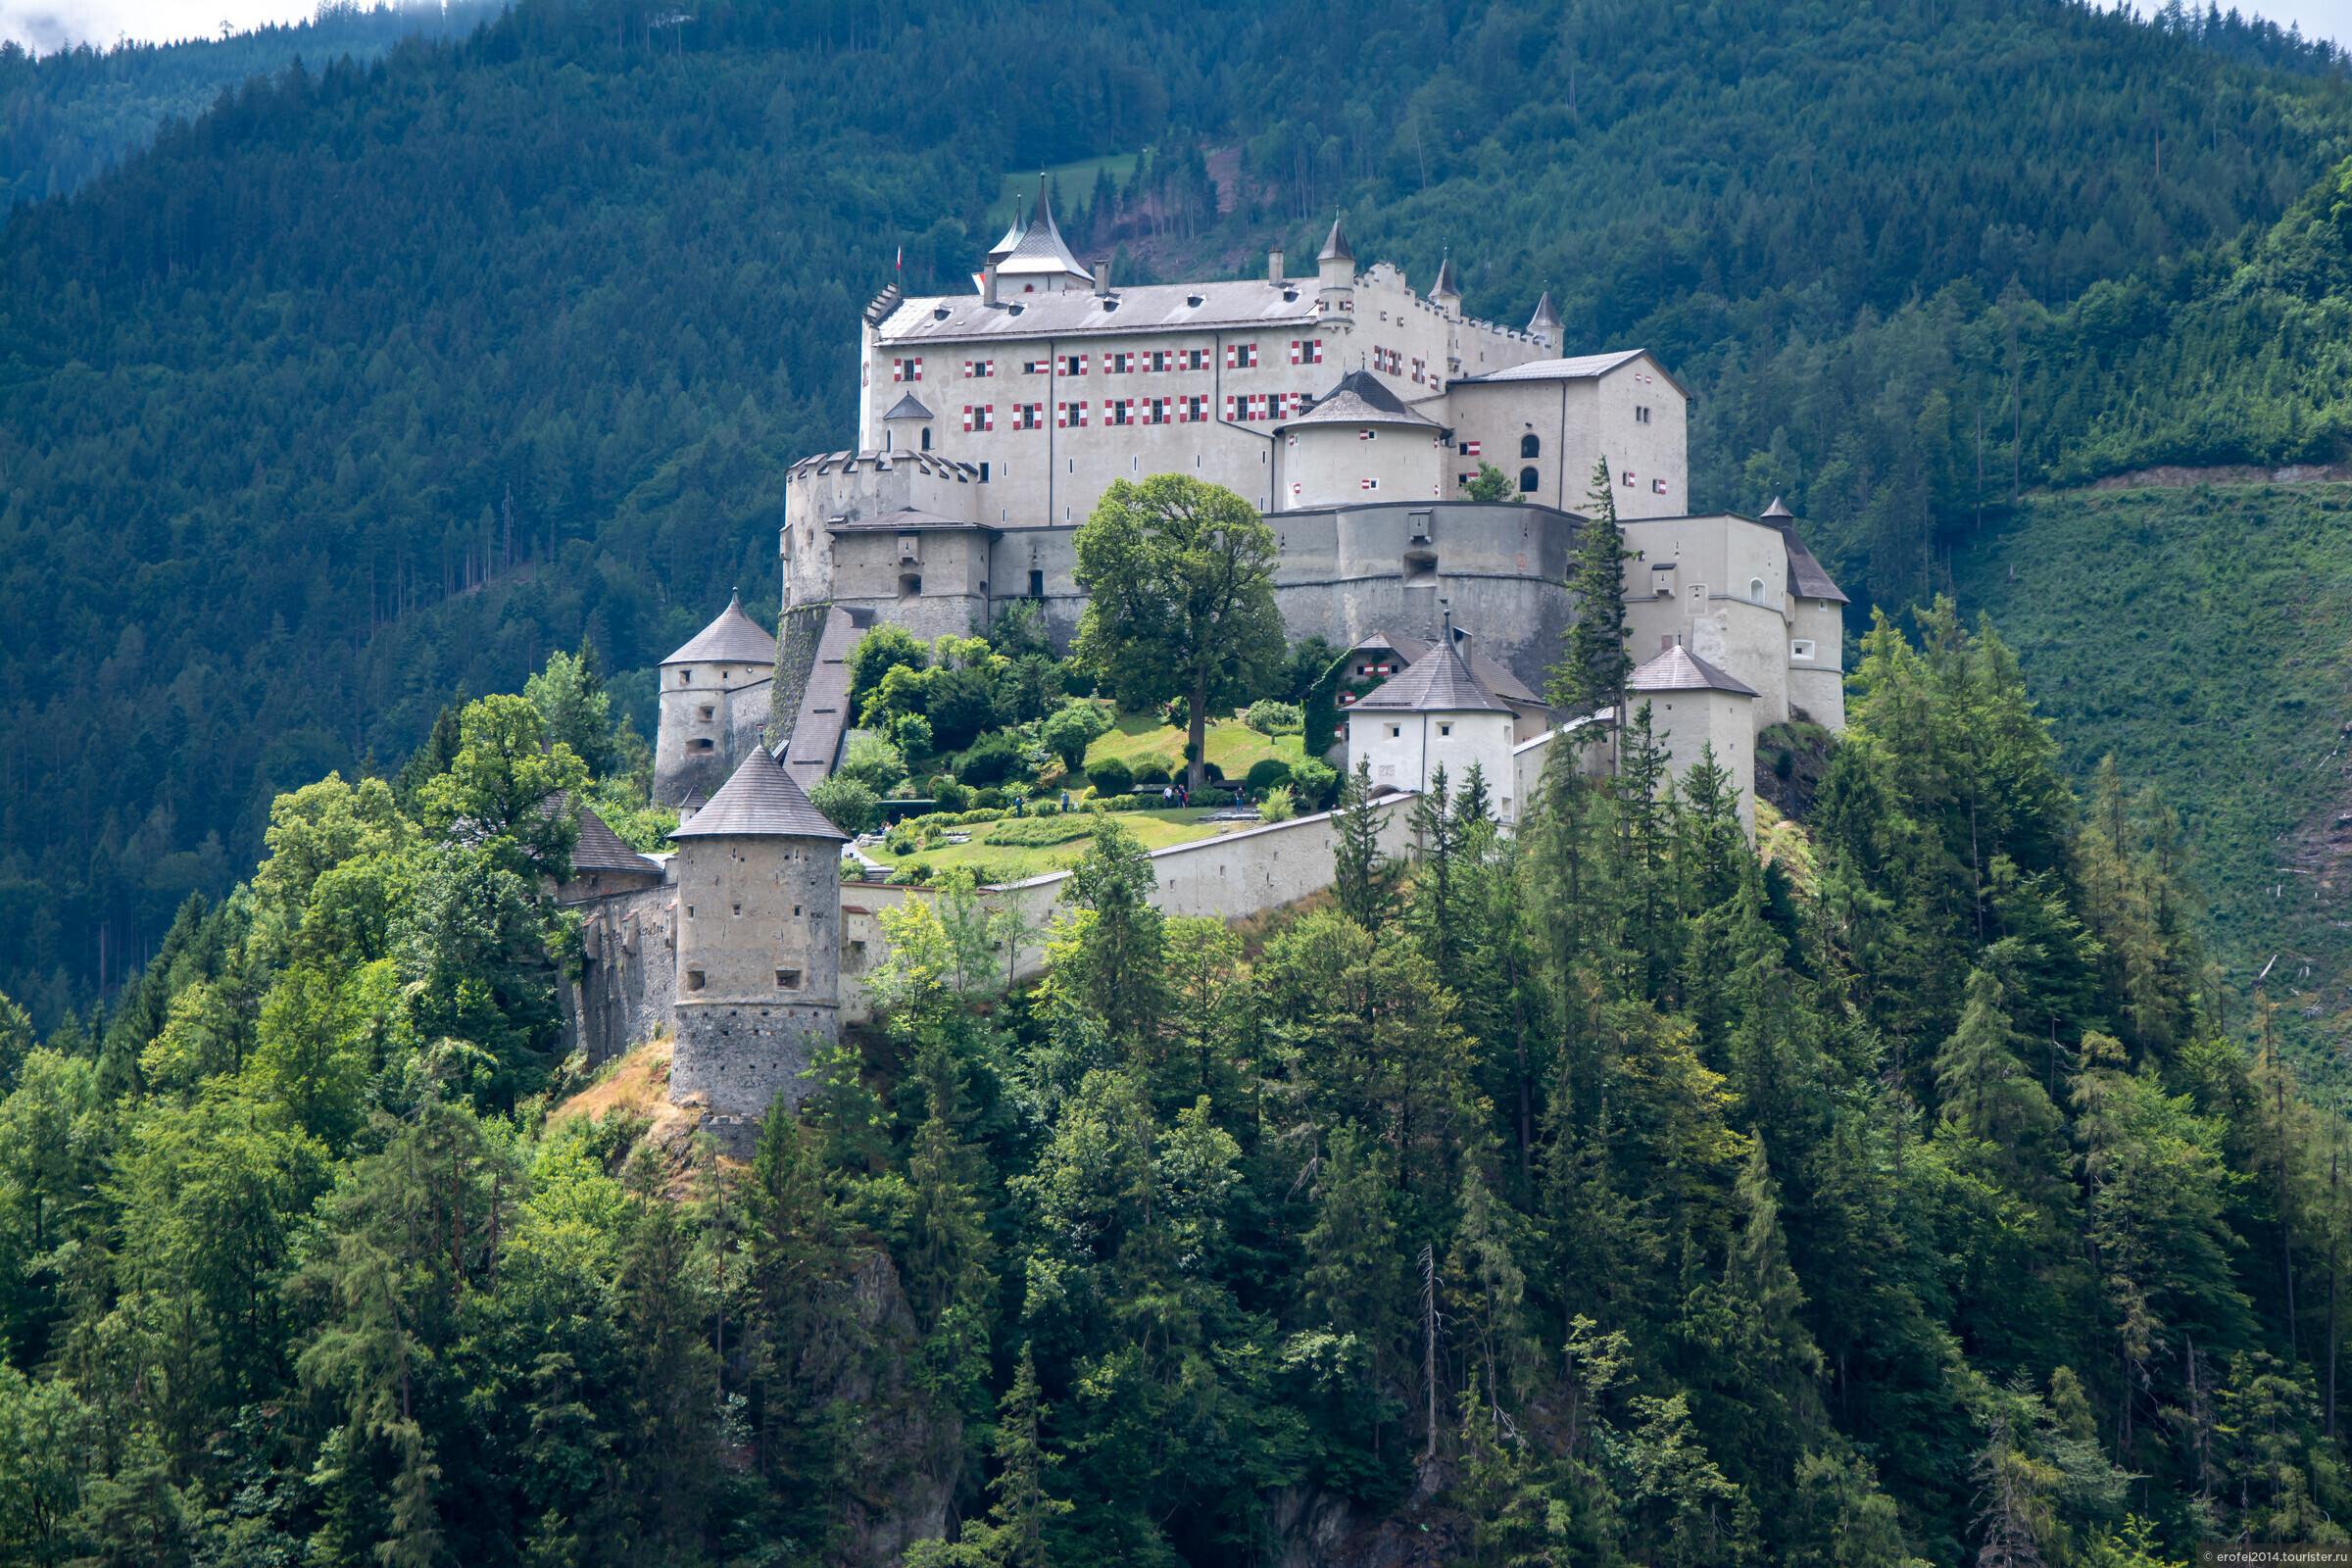 Большое путешествие по Австрии и не только. День 2. Фушль-ам-Зее, Айсризенвельт, Хоэнверфен, Вольгангзее